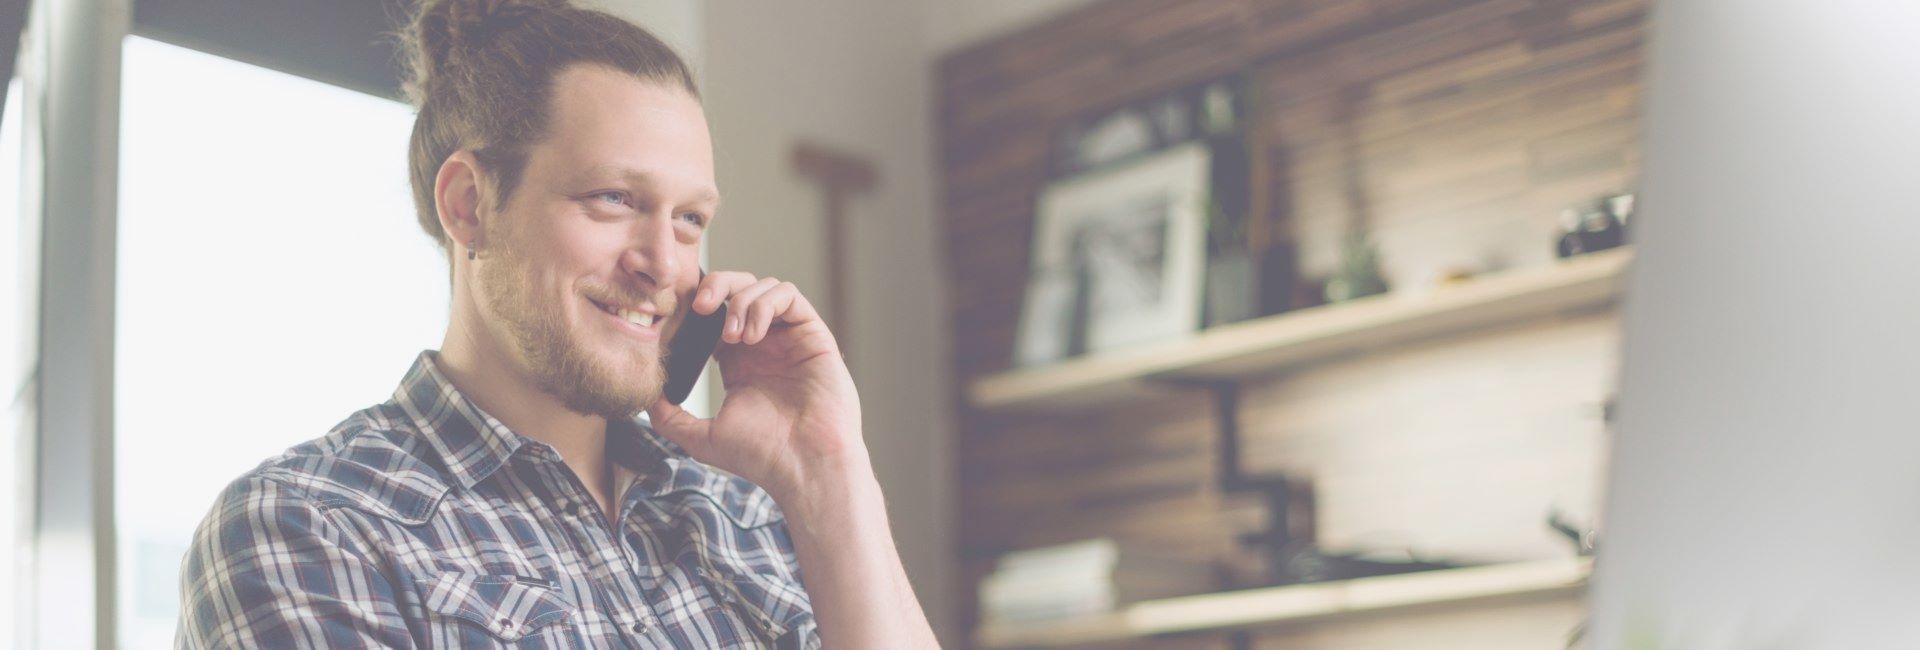 Foto eines telefonierenden Mitarbeiters der Firma Hafnertec, der im Servicebereich tätig ist